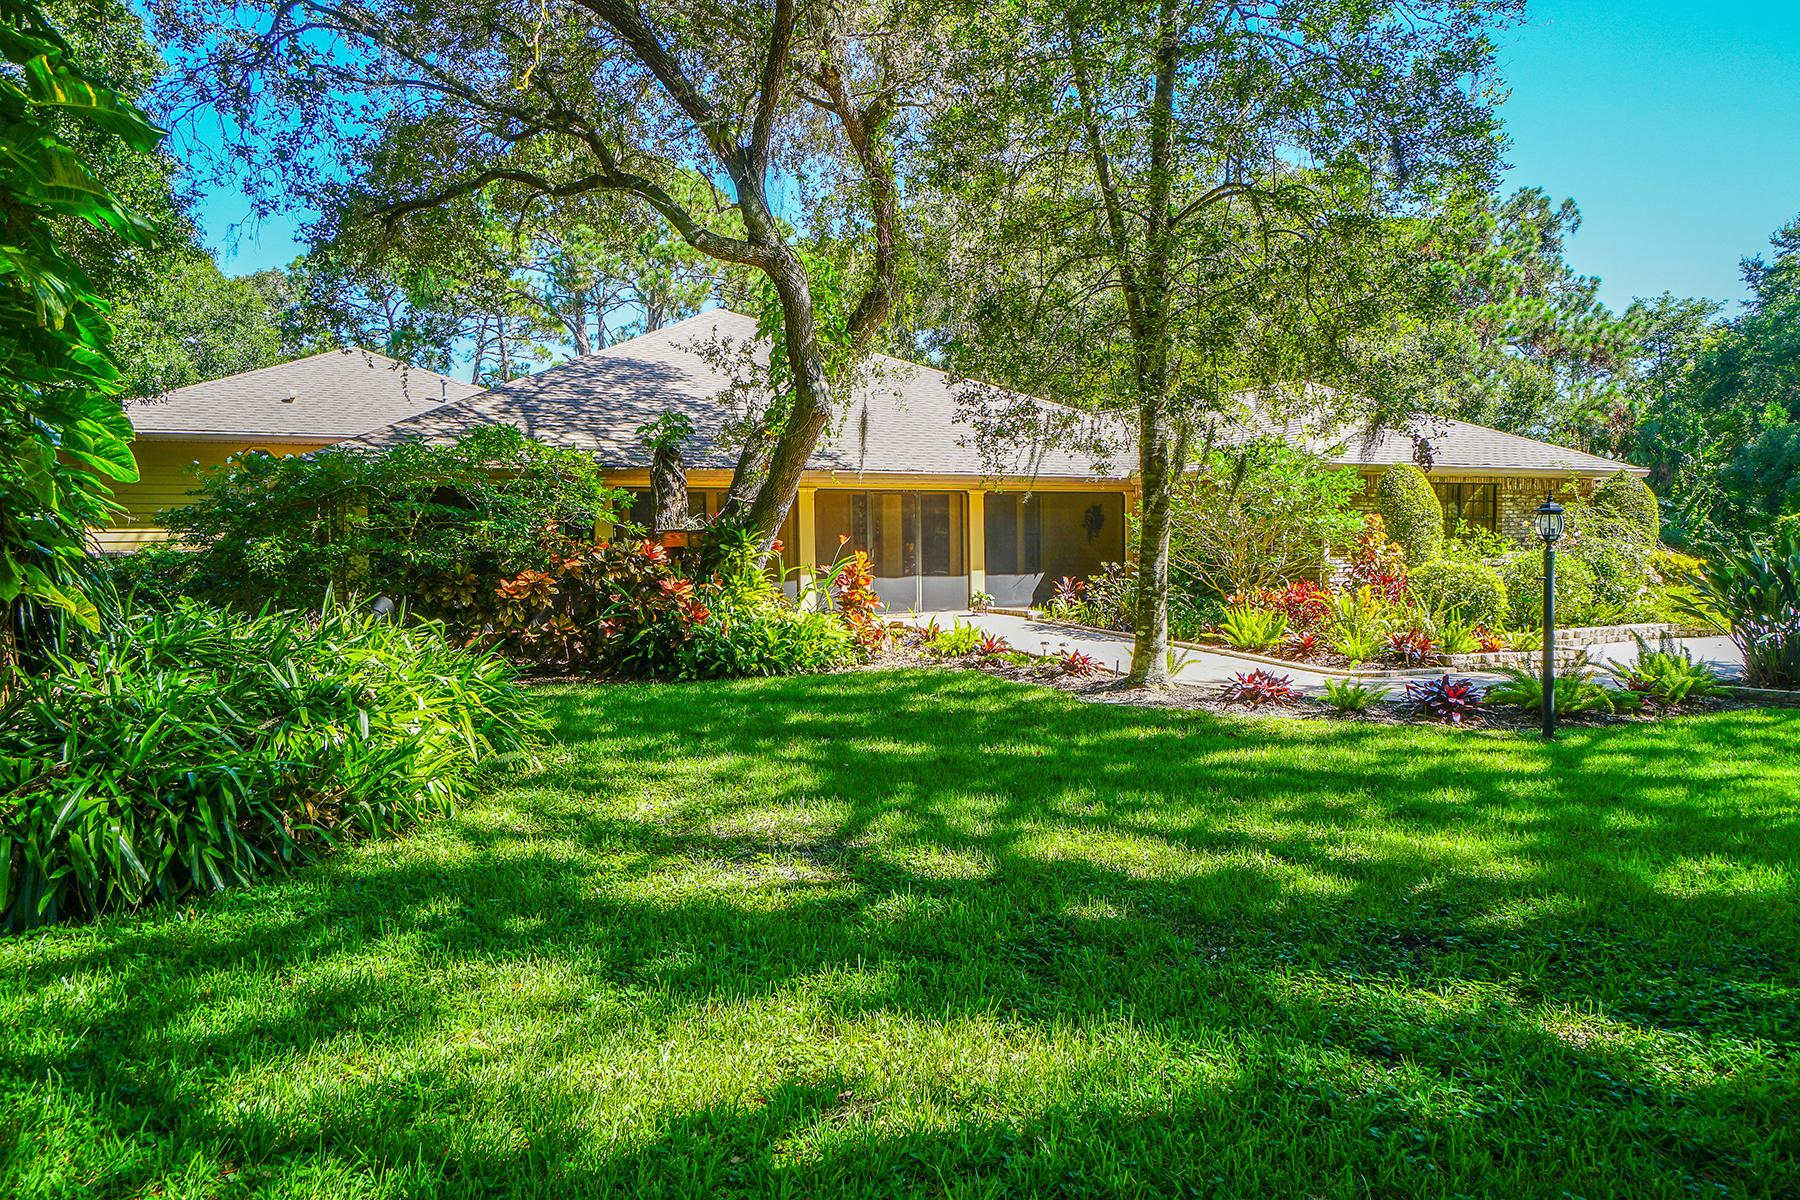 Частный односемейный дом для того Продажа на THE MEADOWS 3640 Longmeadow Sarasota, Флорида, 34235 Соединенные Штаты